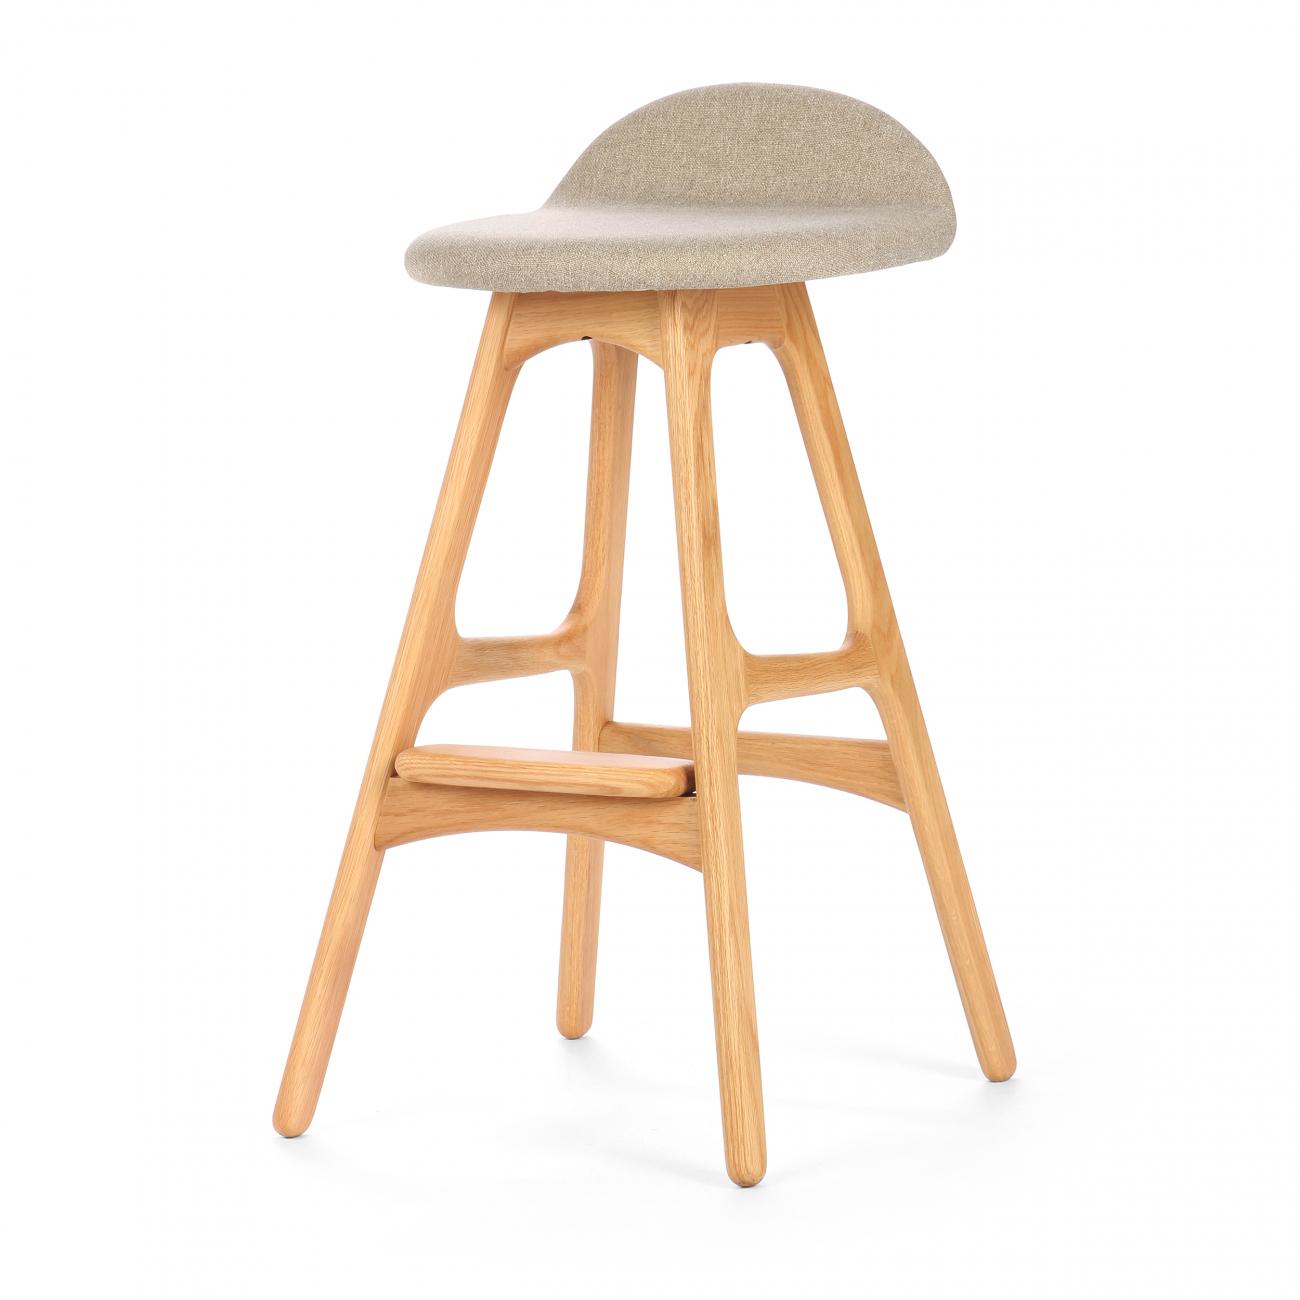 Купить Барный стул Buch Бежевый на светлых ножках в интернет магазине дизайнерской мебели и аксессуаров для дома и дачи